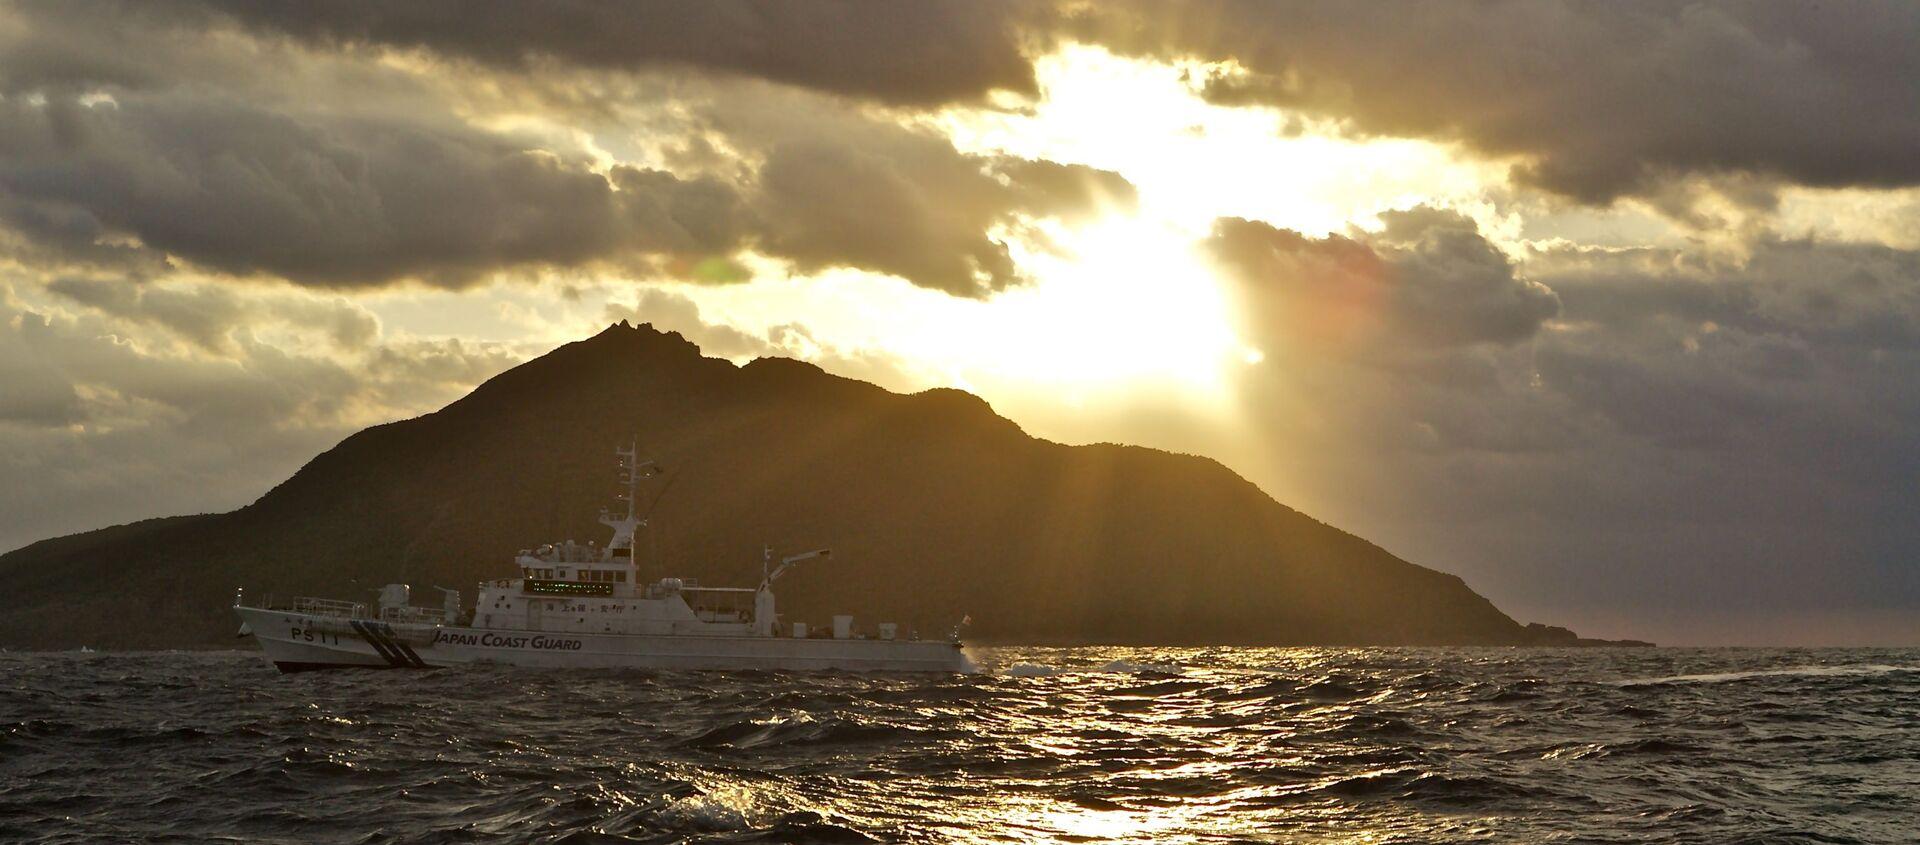 Đảo Điếu Ngư (Senkaku) ở Biển Hoa Đông. - Sputnik Việt Nam, 1920, 29.03.2021